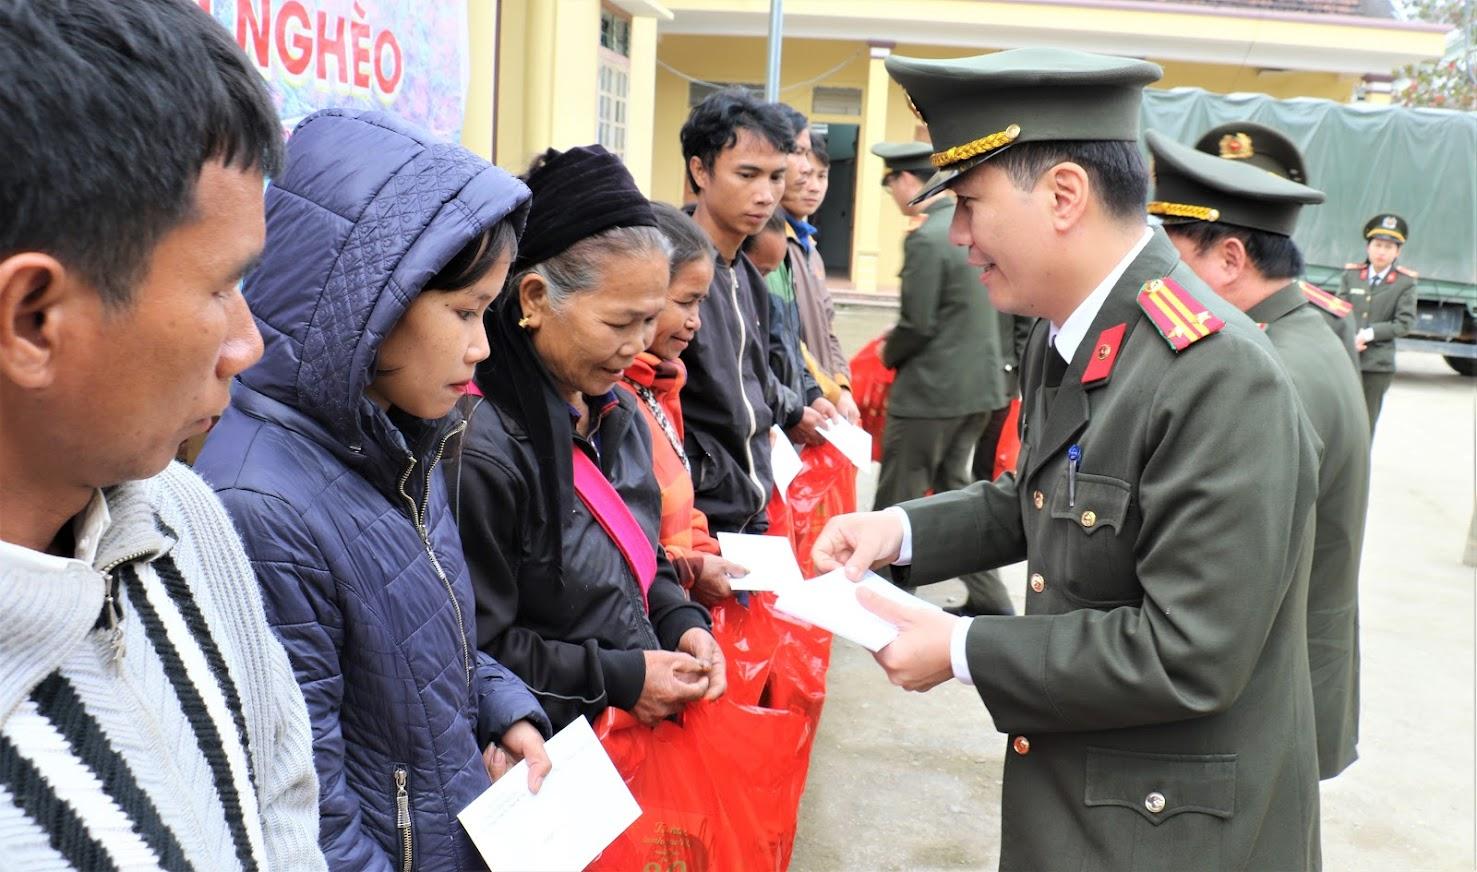 Đồng chí Trung tá Bùi La Sơn, Phó Trưởng Phòng Tham mưu Công an tỉnh trao quà cho bà con nhân dân tại xã Môn Sơn, huyện Con Cuông